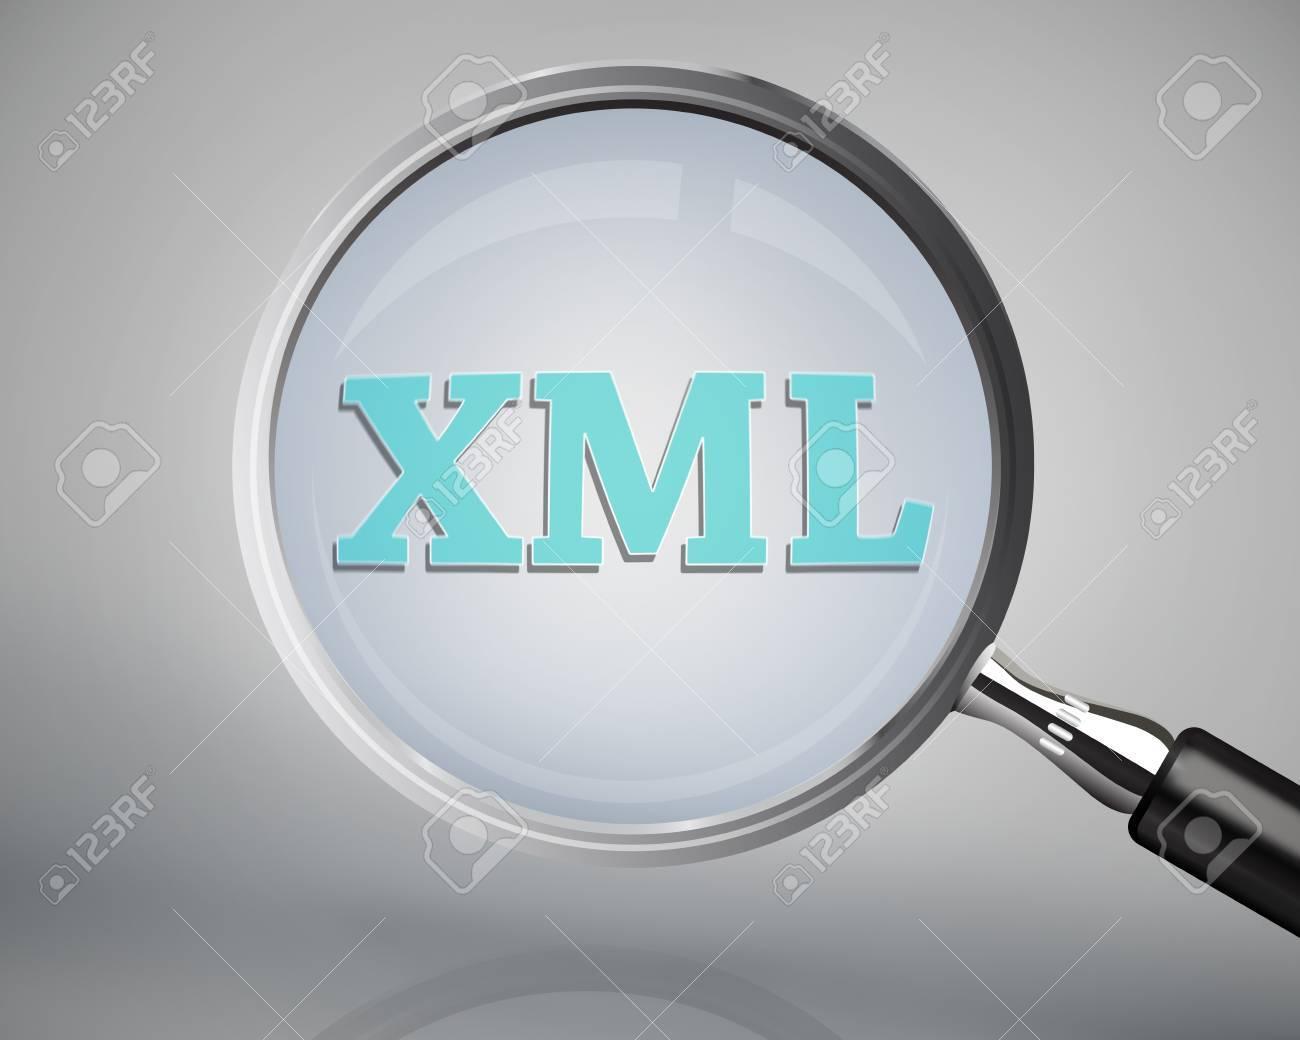 Background image xml - Magnifying Glass Showing Xml Word On Grey Background Stock Photo 26704203